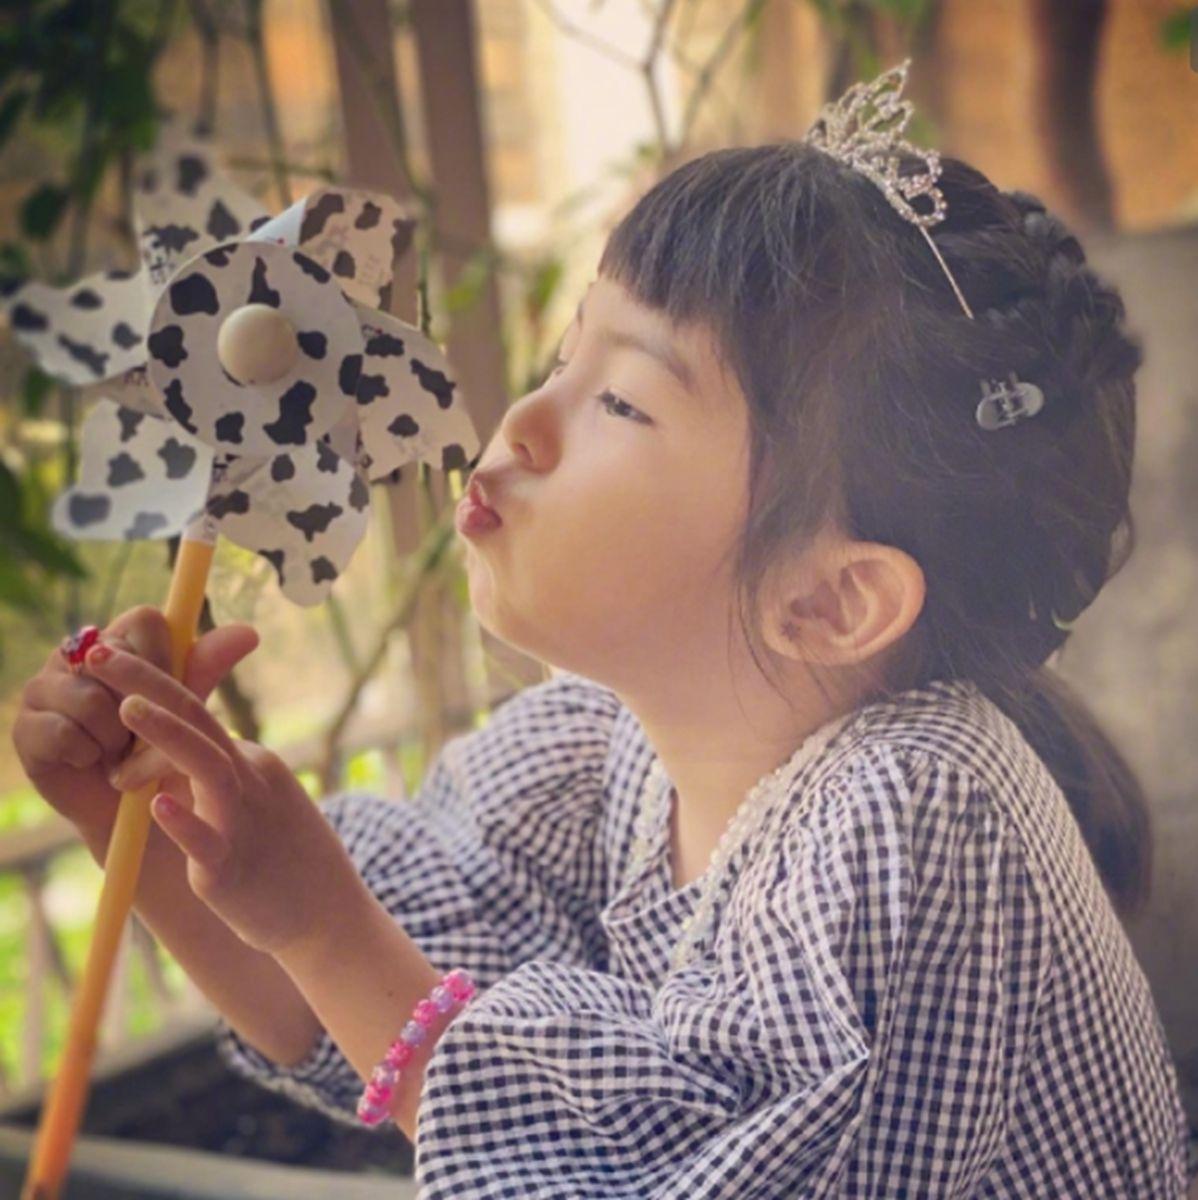 賈靜雯的小女兒顏值變化大赶超姐姐,孩子的顏值受哪些因素影響?